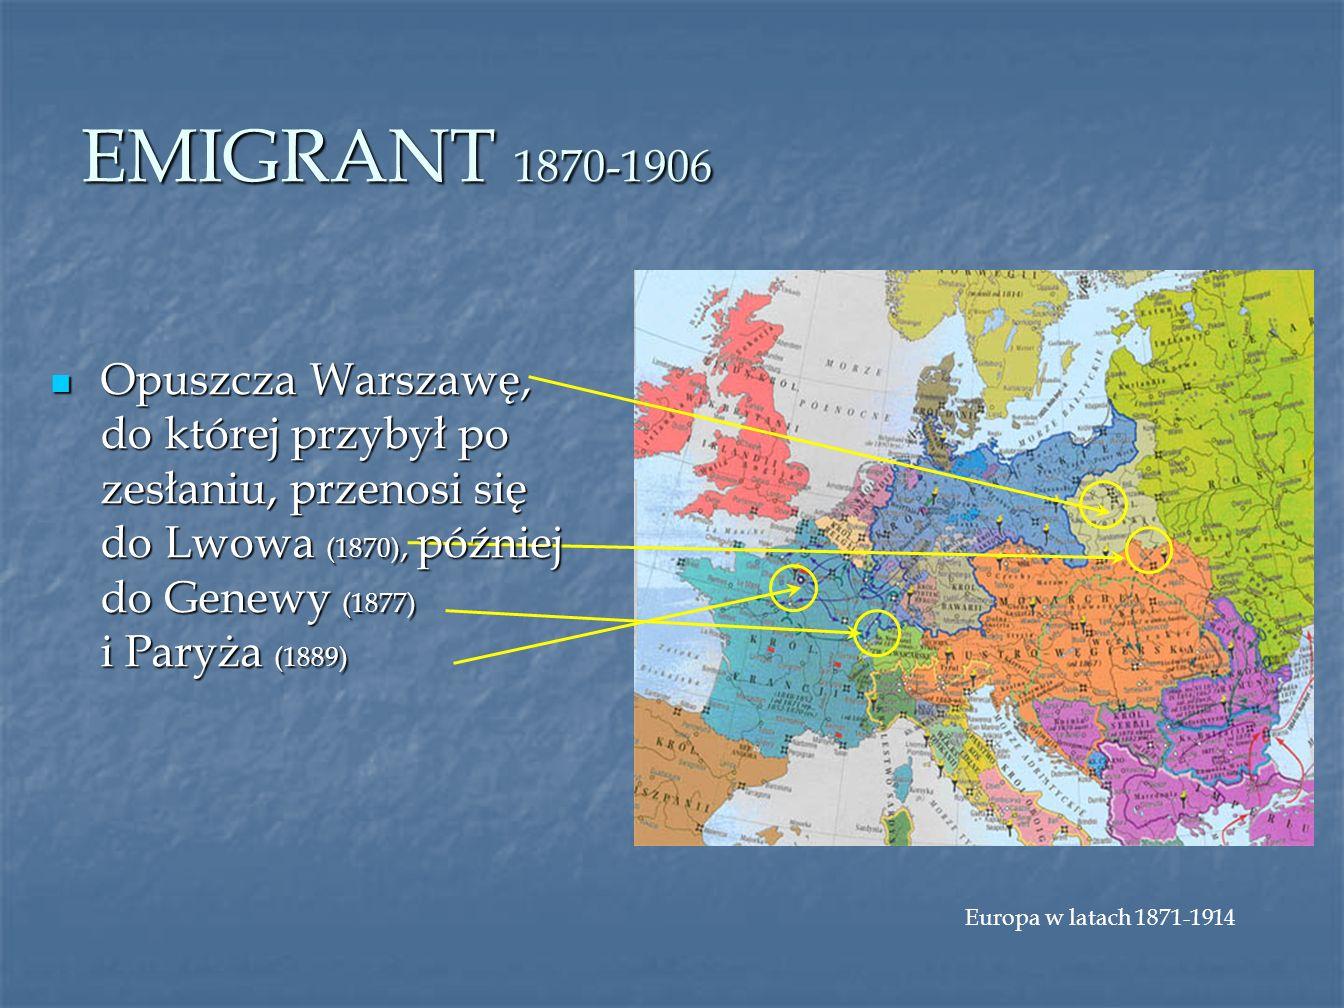 EMIGRANT 1870-1906